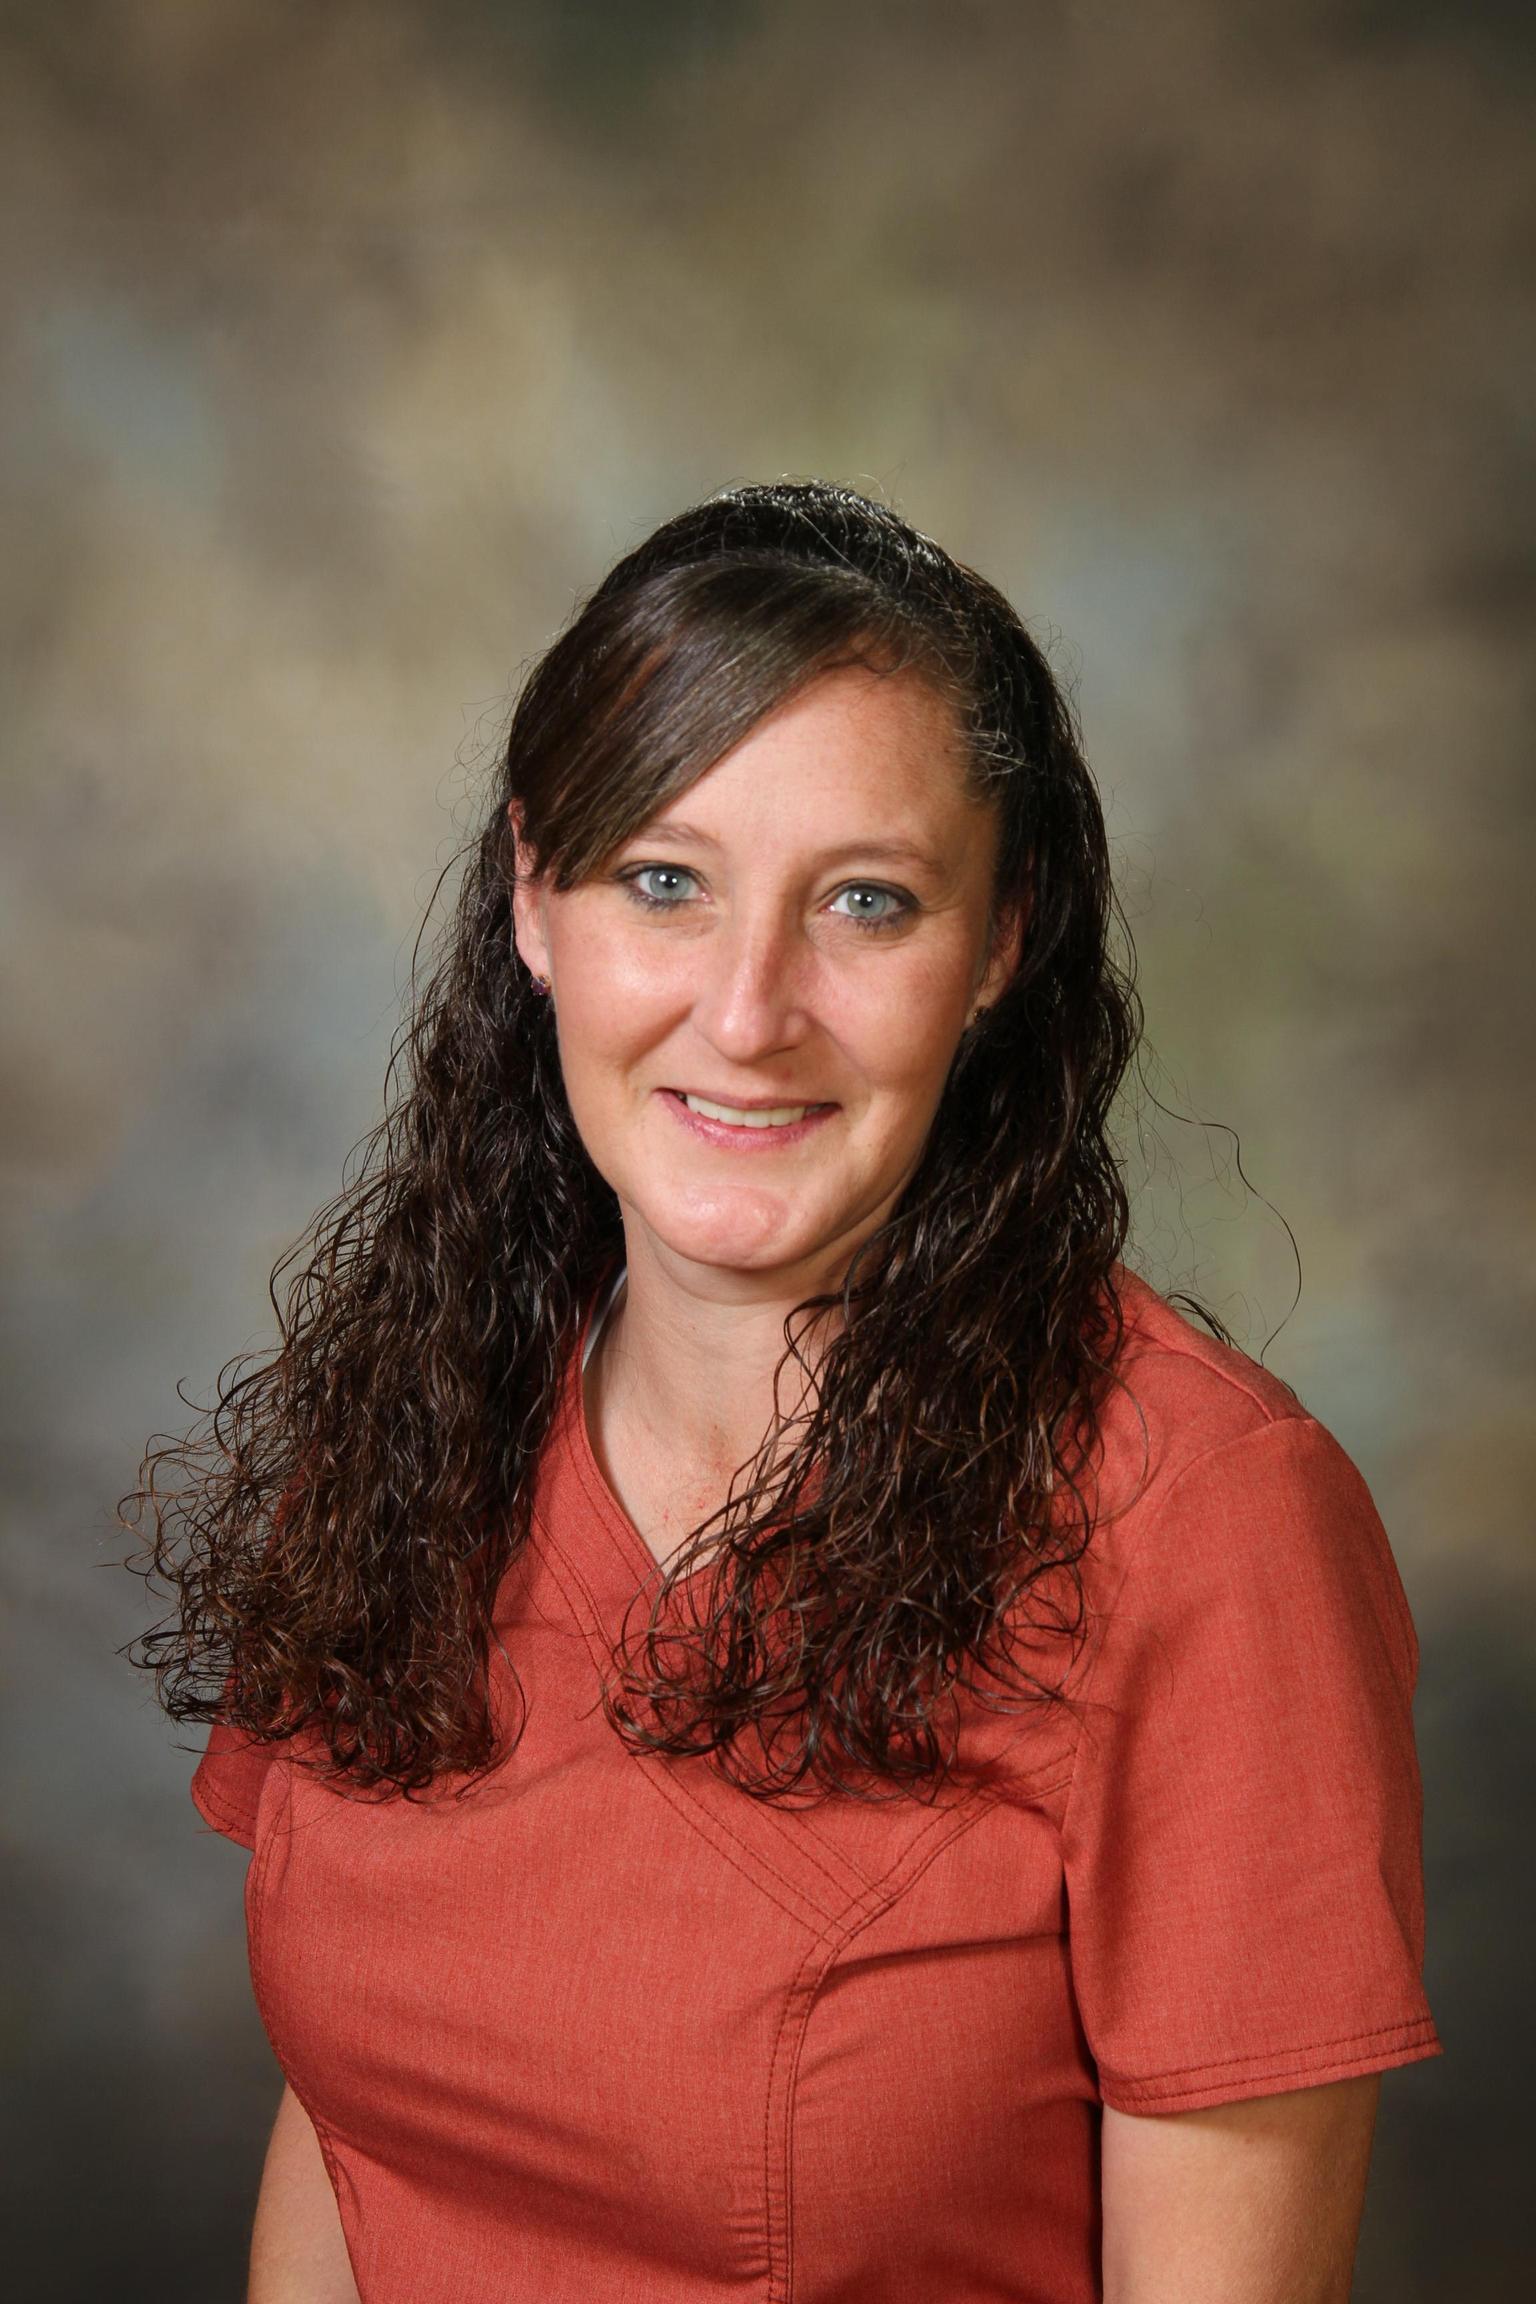 Ms. Misty Miller